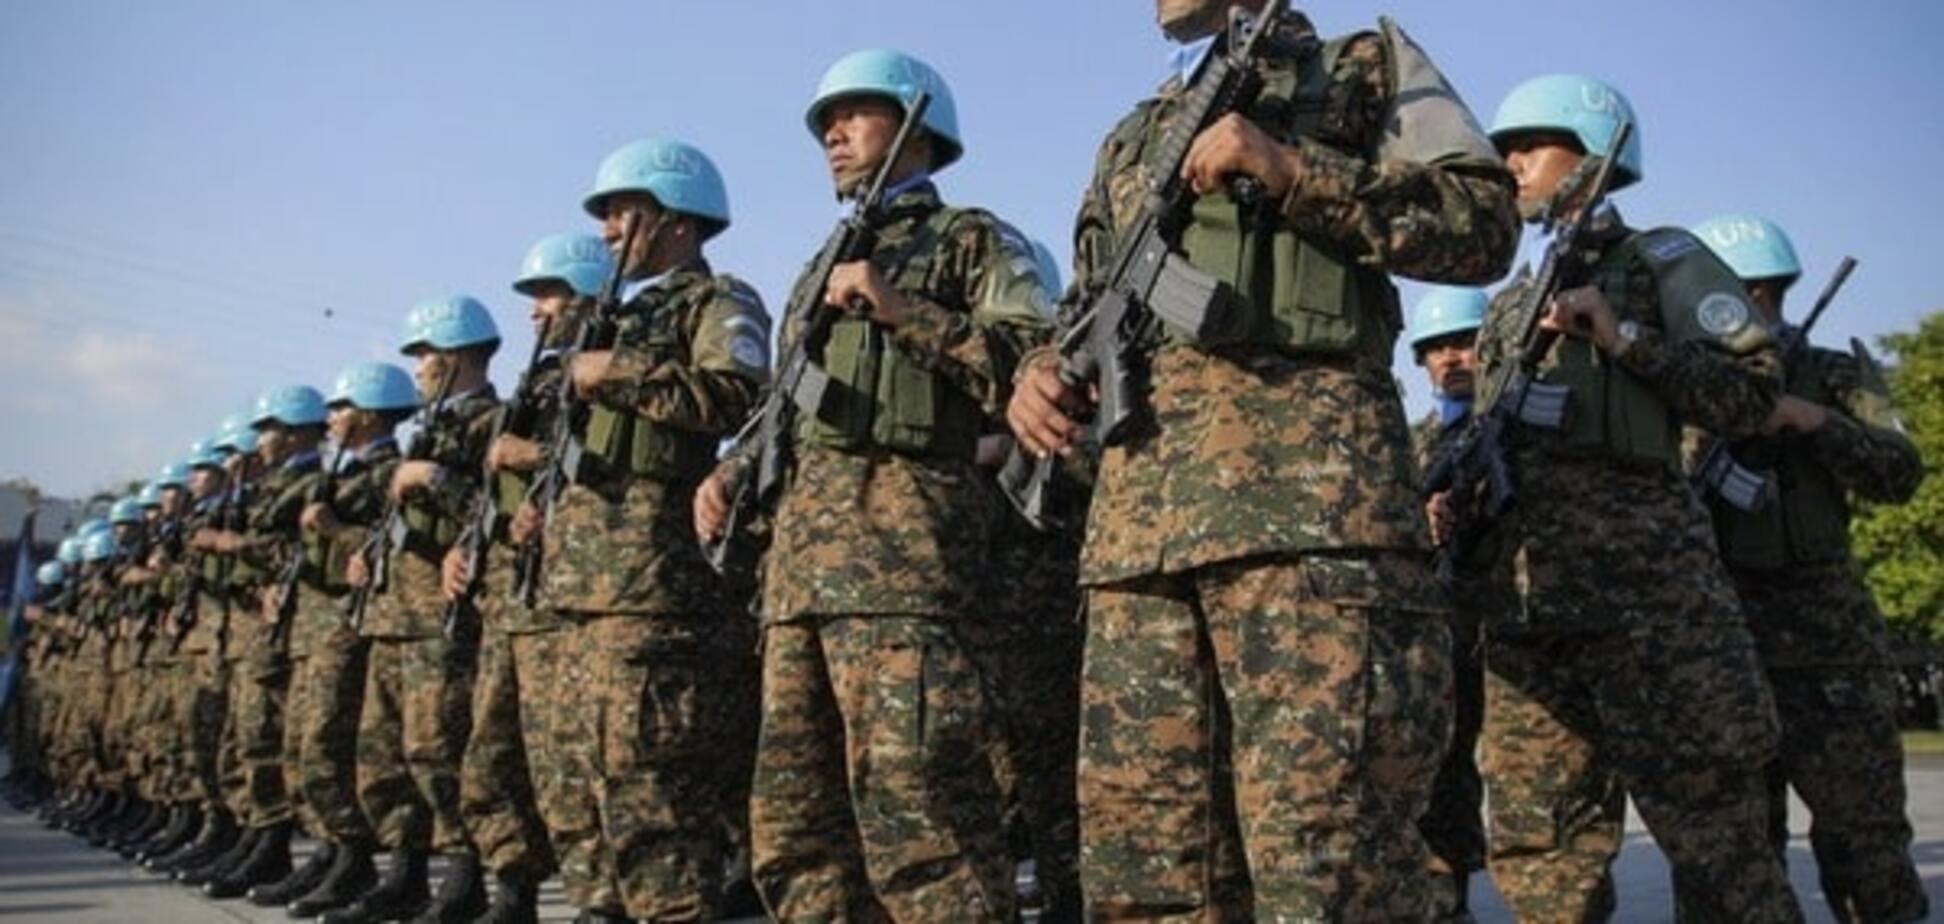 Полковник Савченко: сейчас лучшее время для введения на Донбасс миротворцев ООН